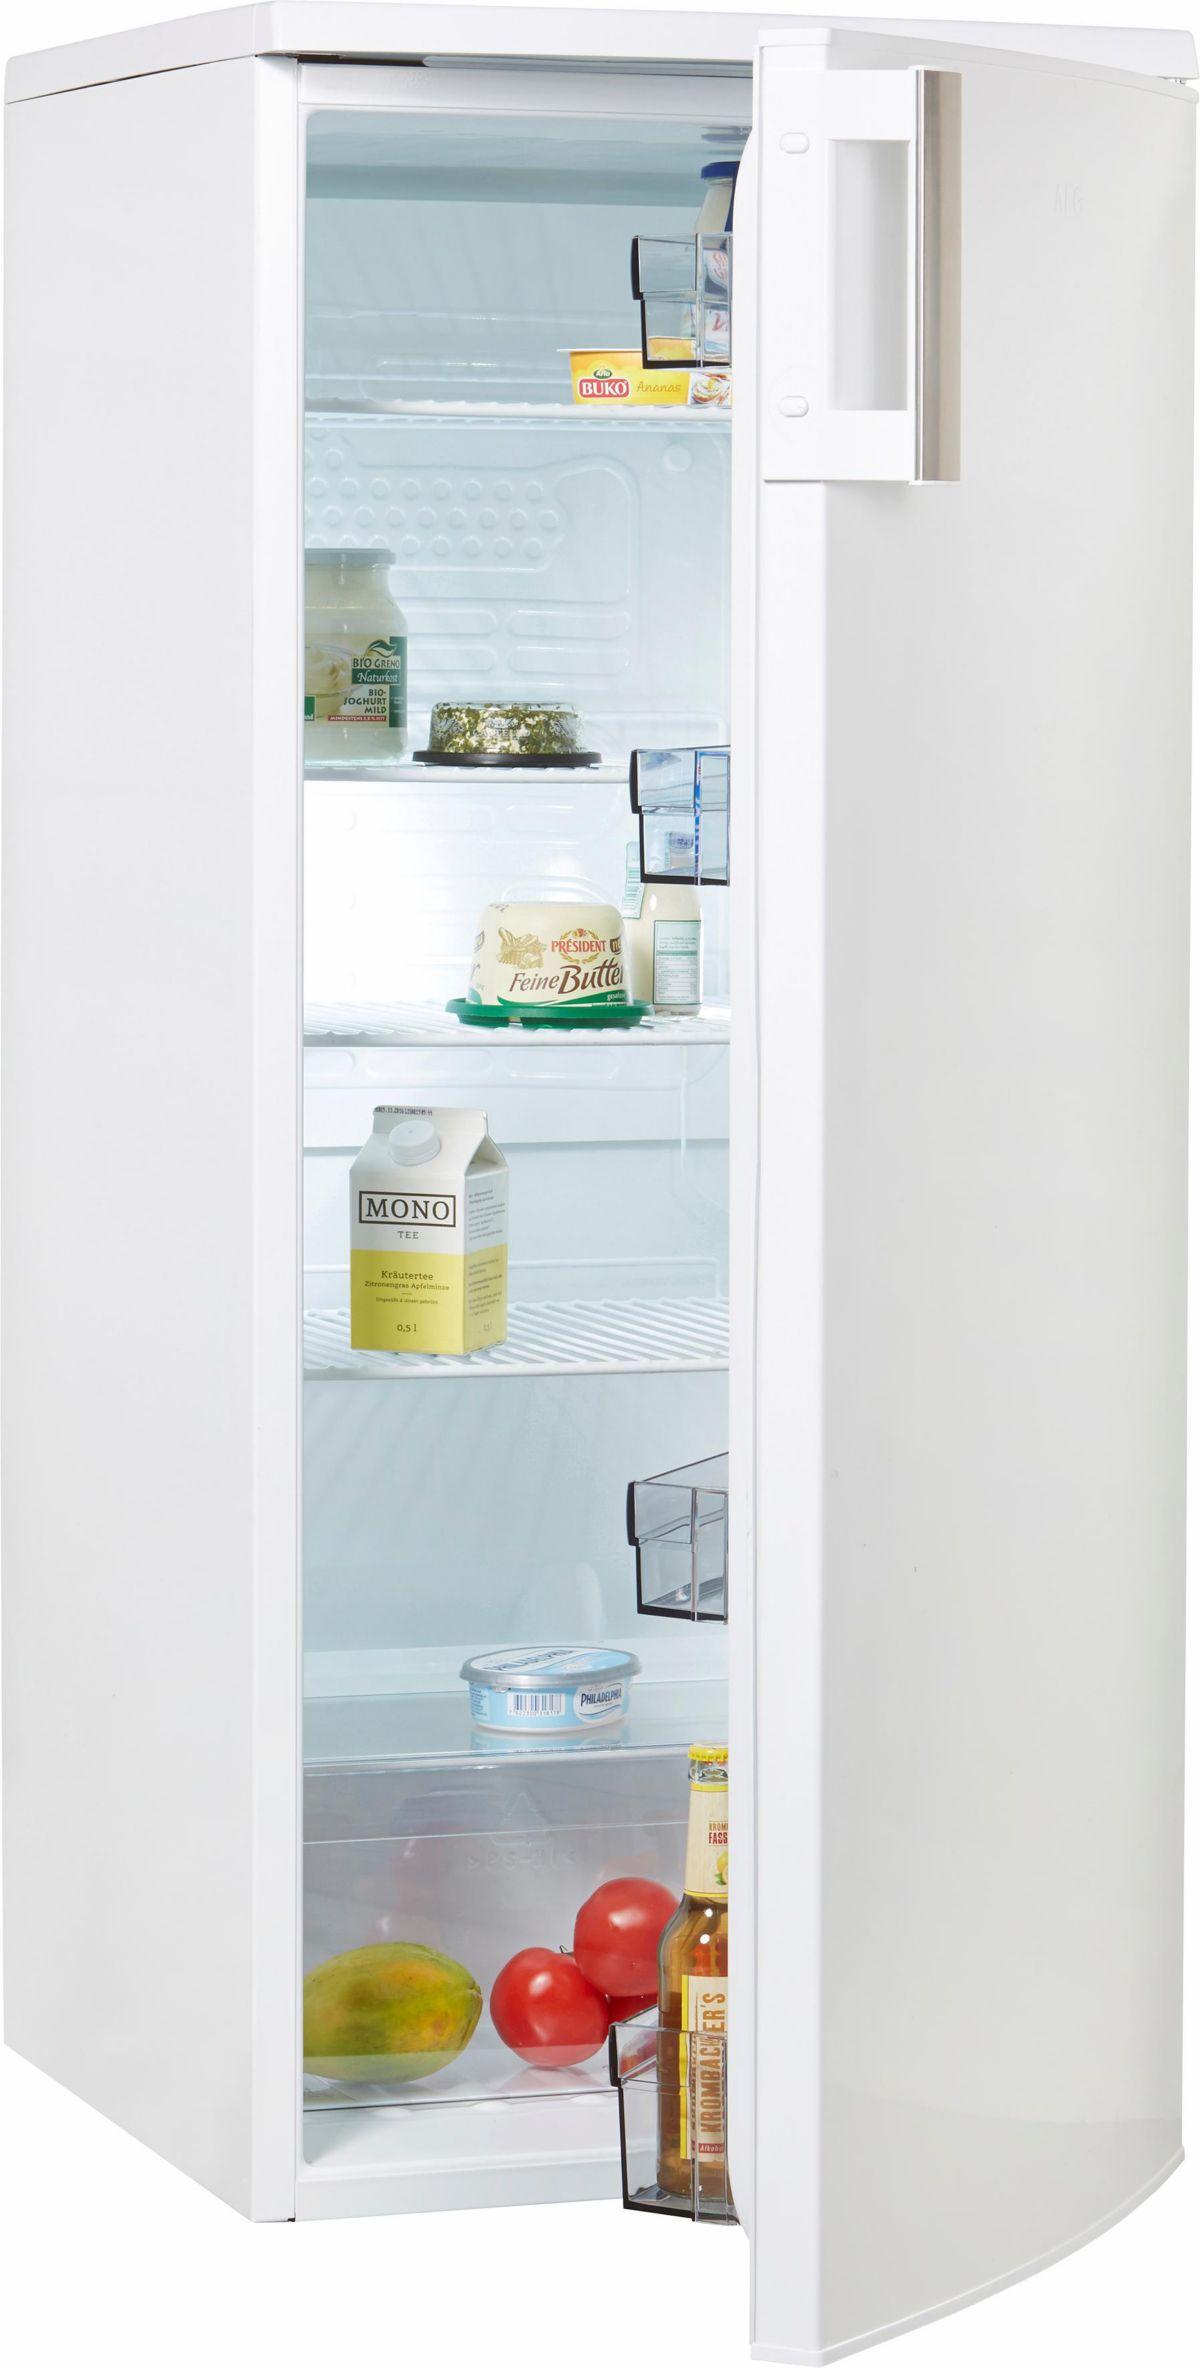 AEG Kühlschrank RKB42511AW, A+, 125 cm hoch